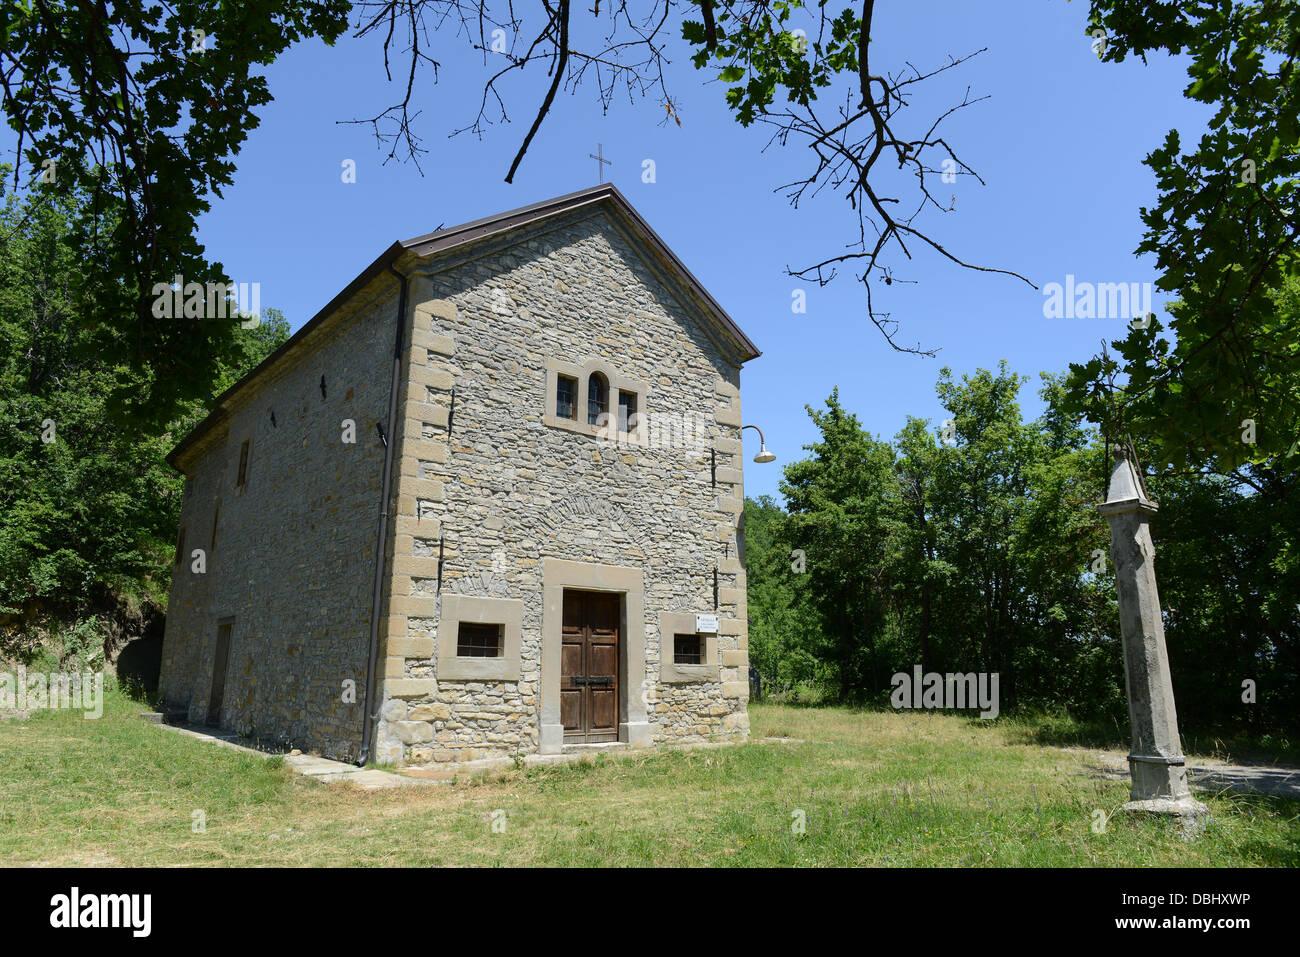 Oratorio de Prevedelli on the Path of Matilda of Canossa walks Reggio Emilia hills in the Italian region Emilia - Stock Image